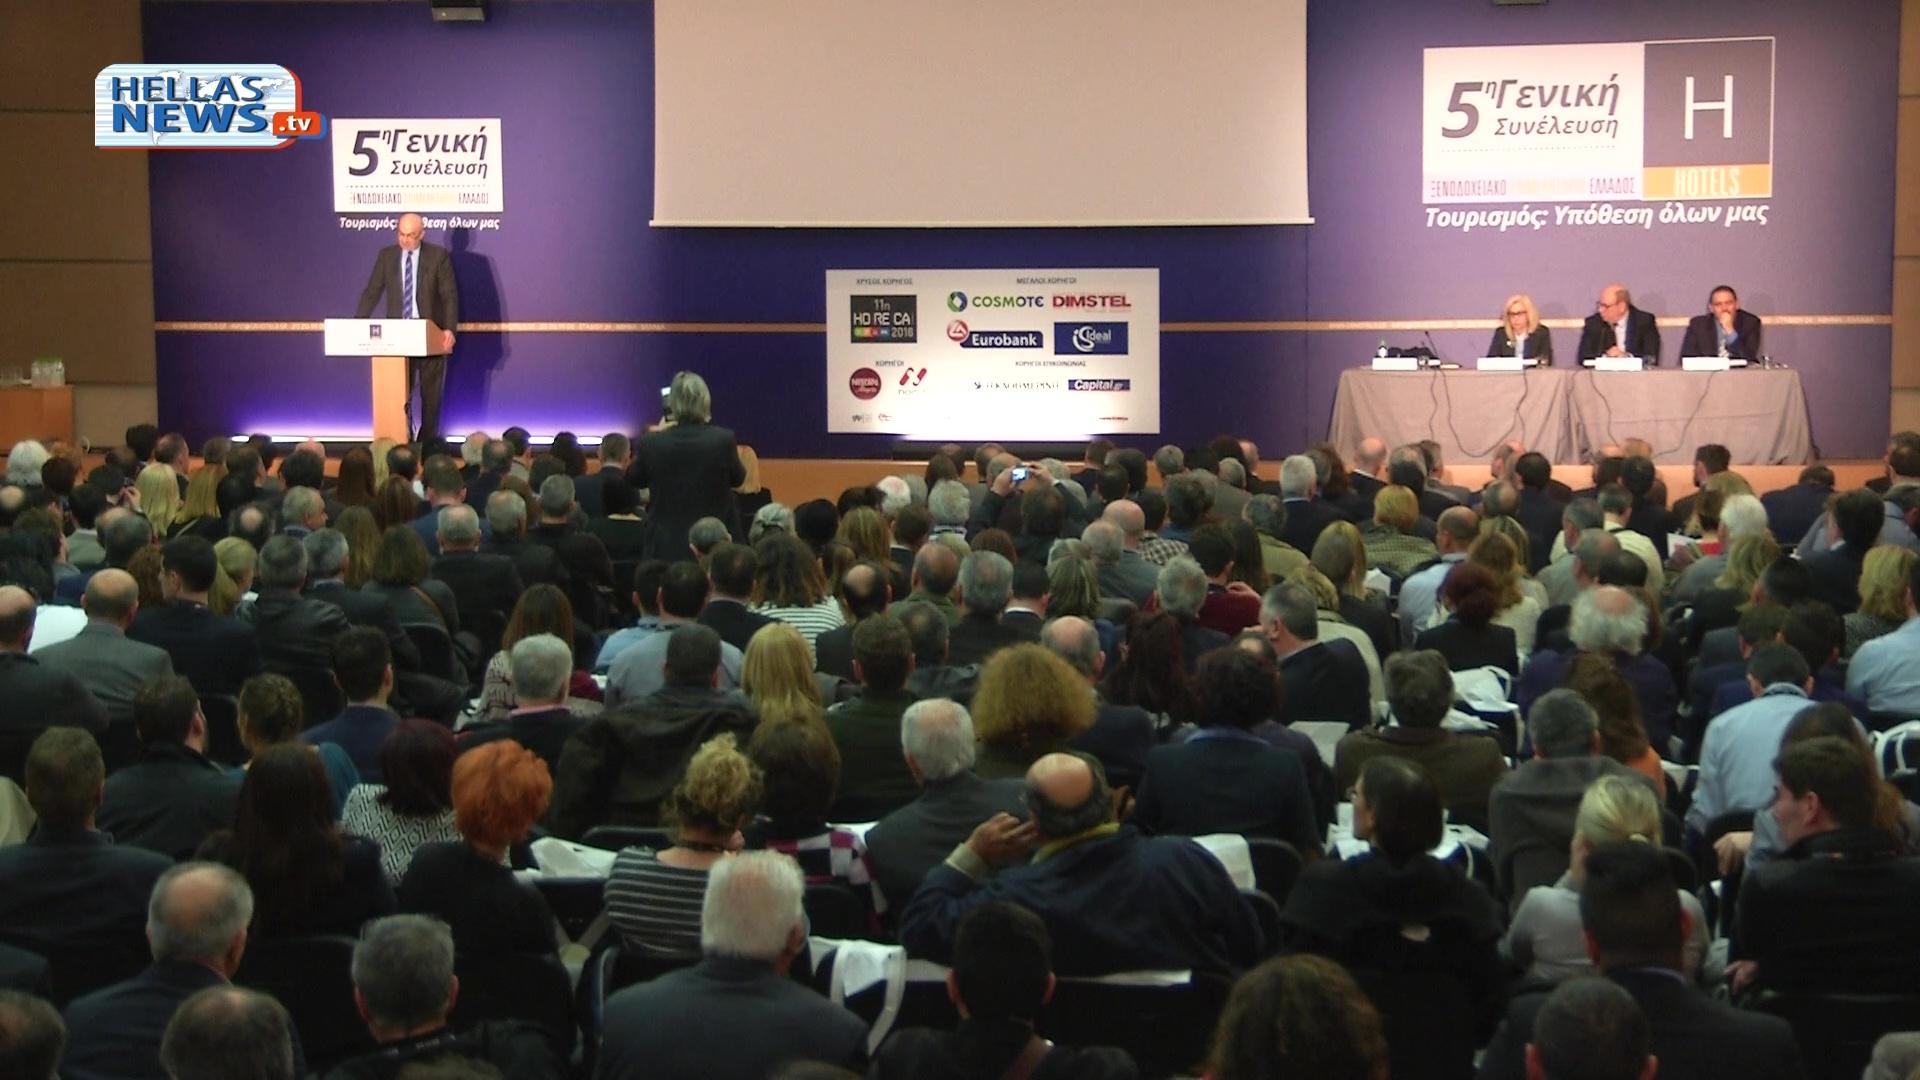 5η Γενική Συνέλευση ΞΕΕ: Αισιόδοξα μηνύματα για τον τουρισμό